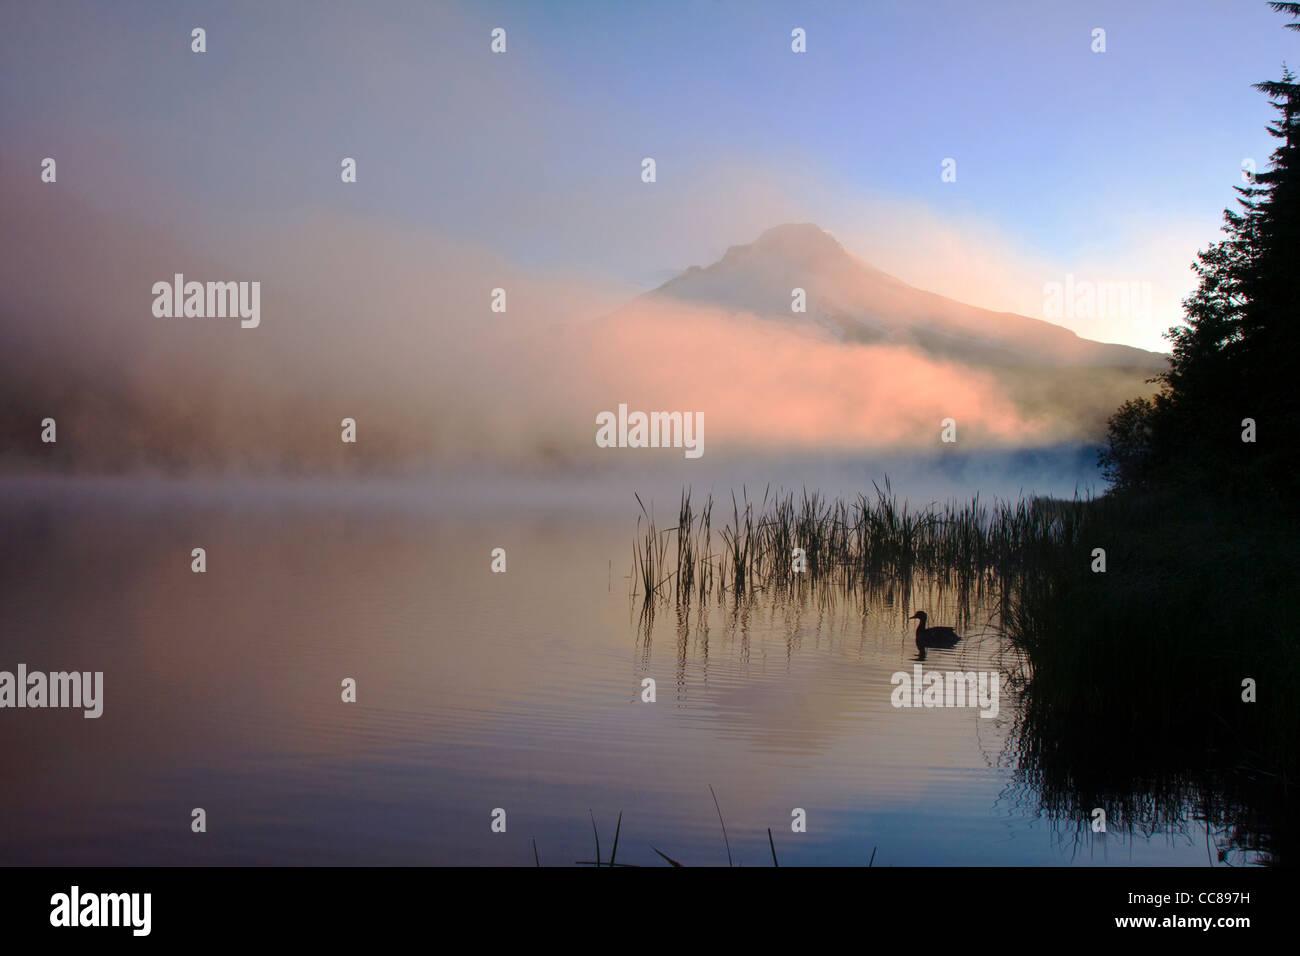 Lever du Soleil sur le lac Trillium brumeux avec un canard flottant dans l'avant-plan et Mt Hood derrière Photo Stock